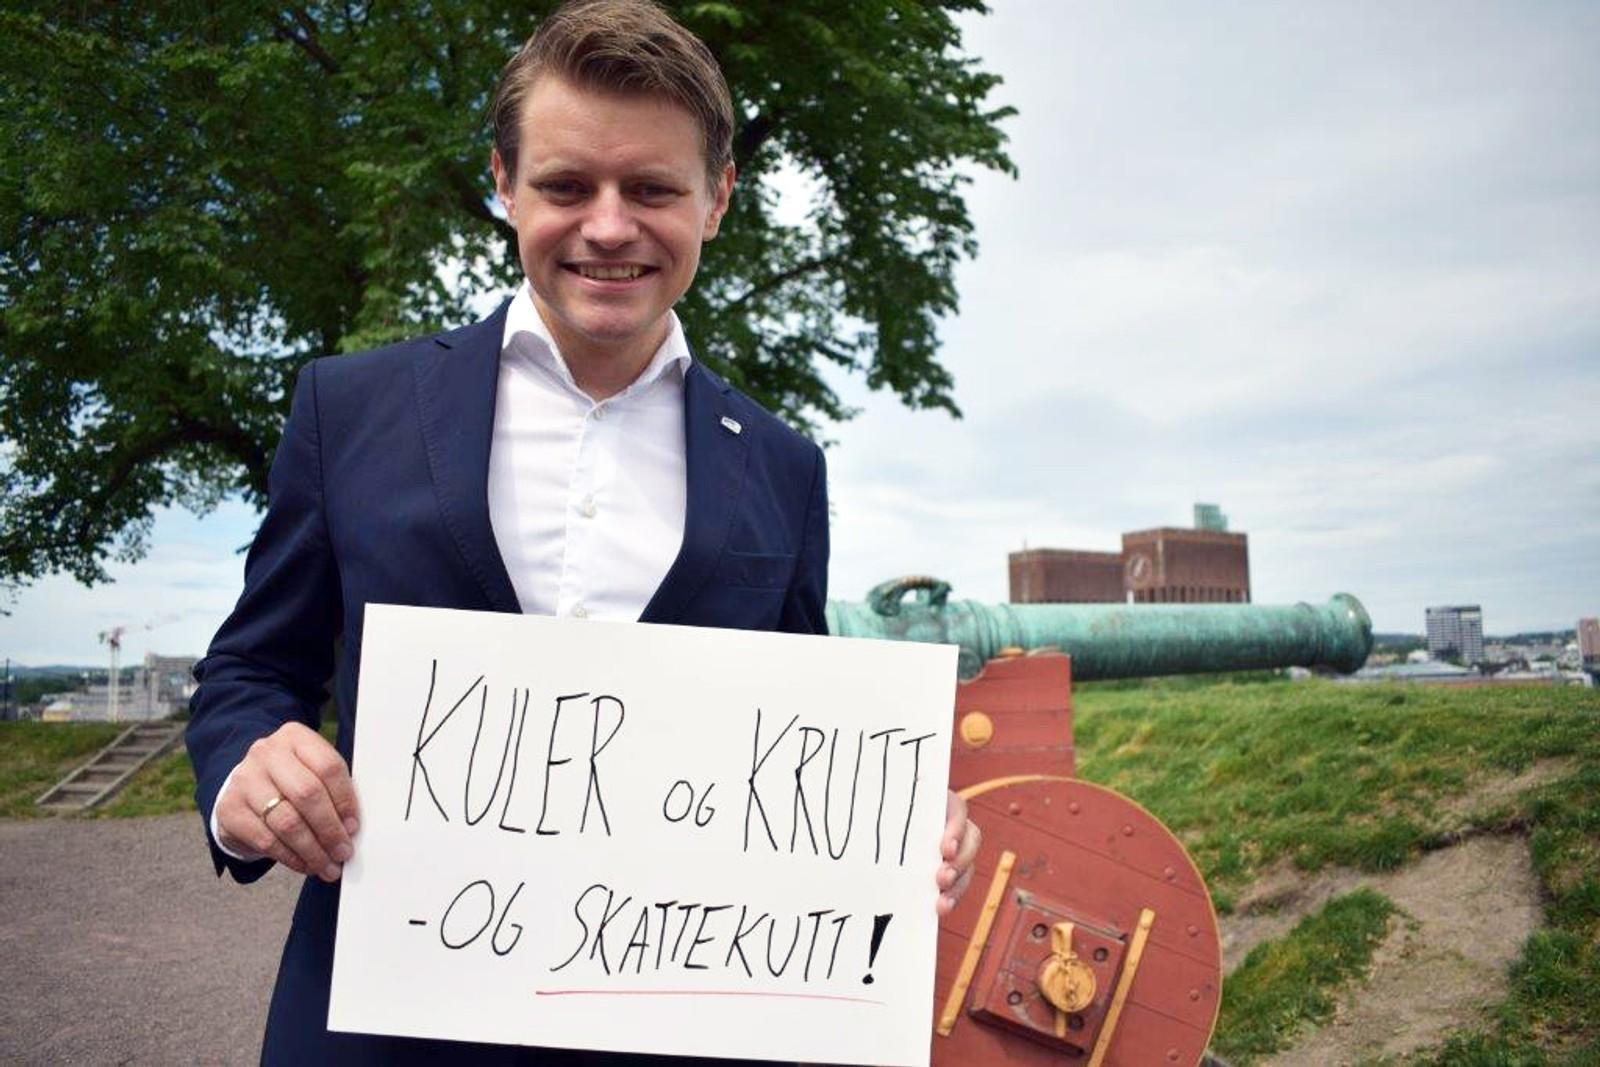 PETER CHRISTIAN FRØLICH (H): «Kuler og krutt - og skattekutt».